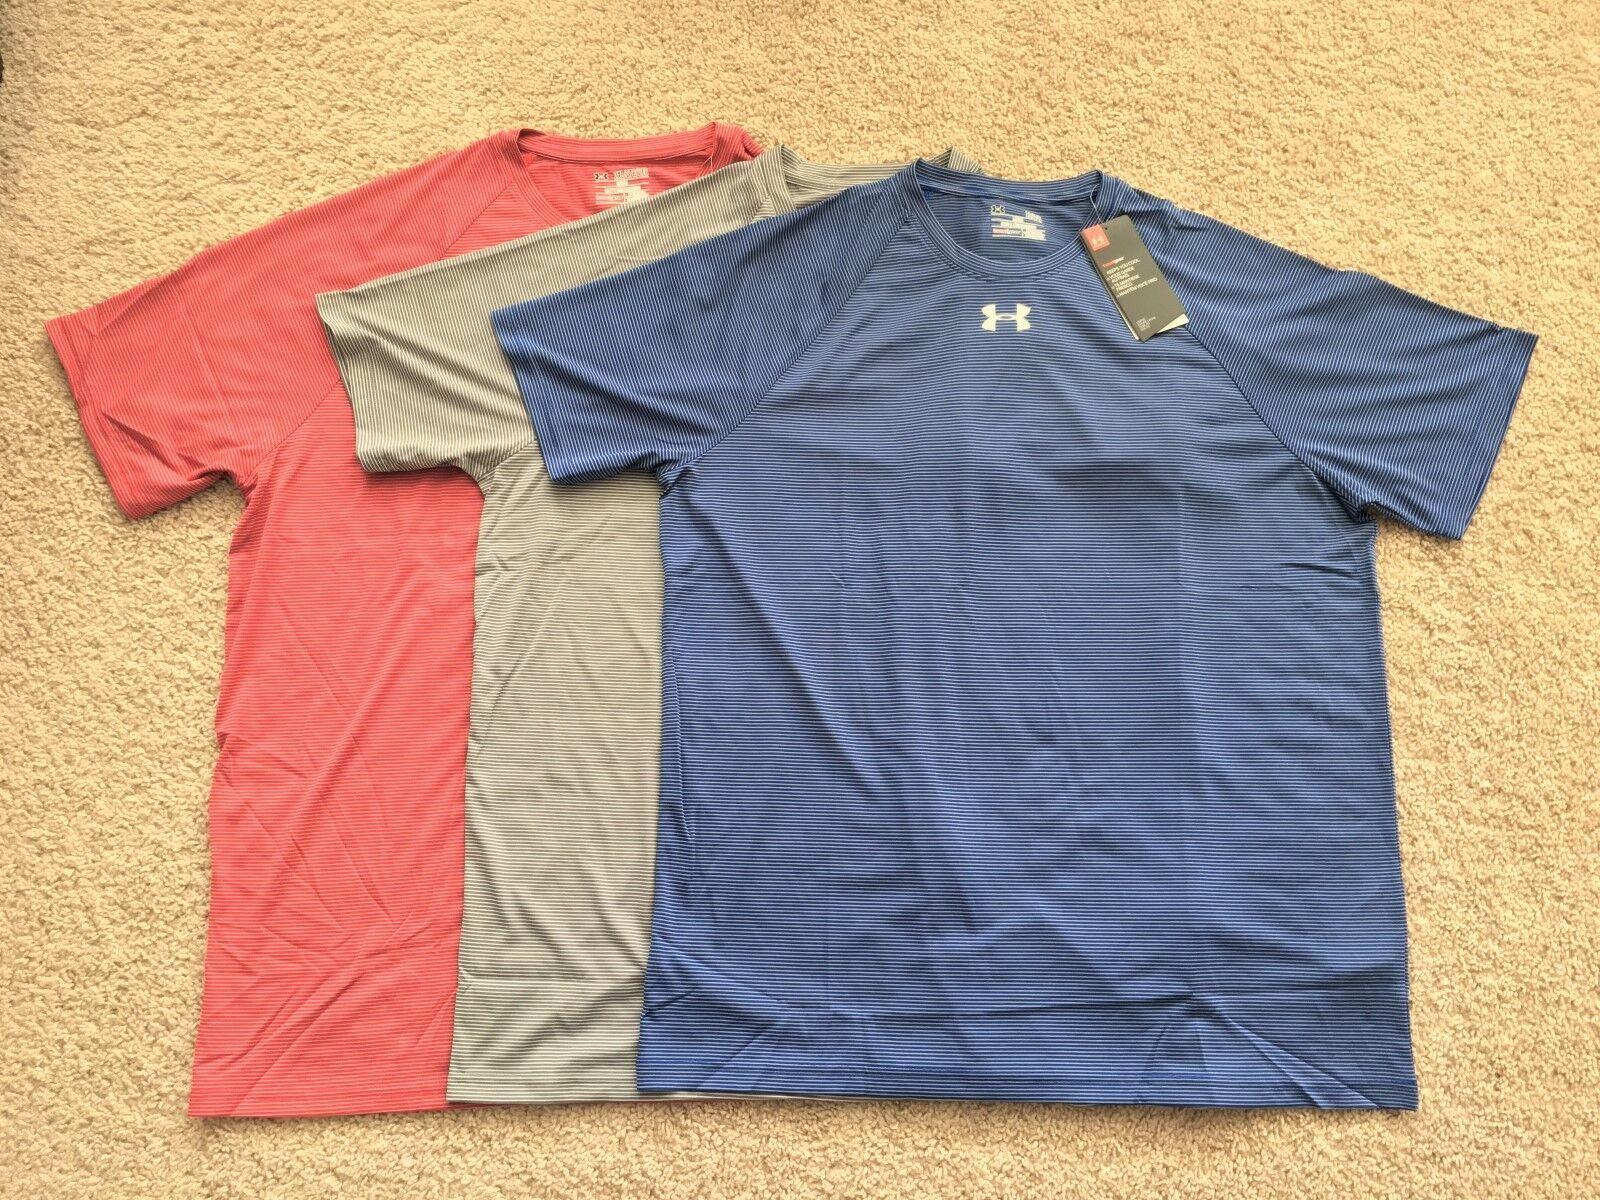 new heat gear tech stripe performance shirt